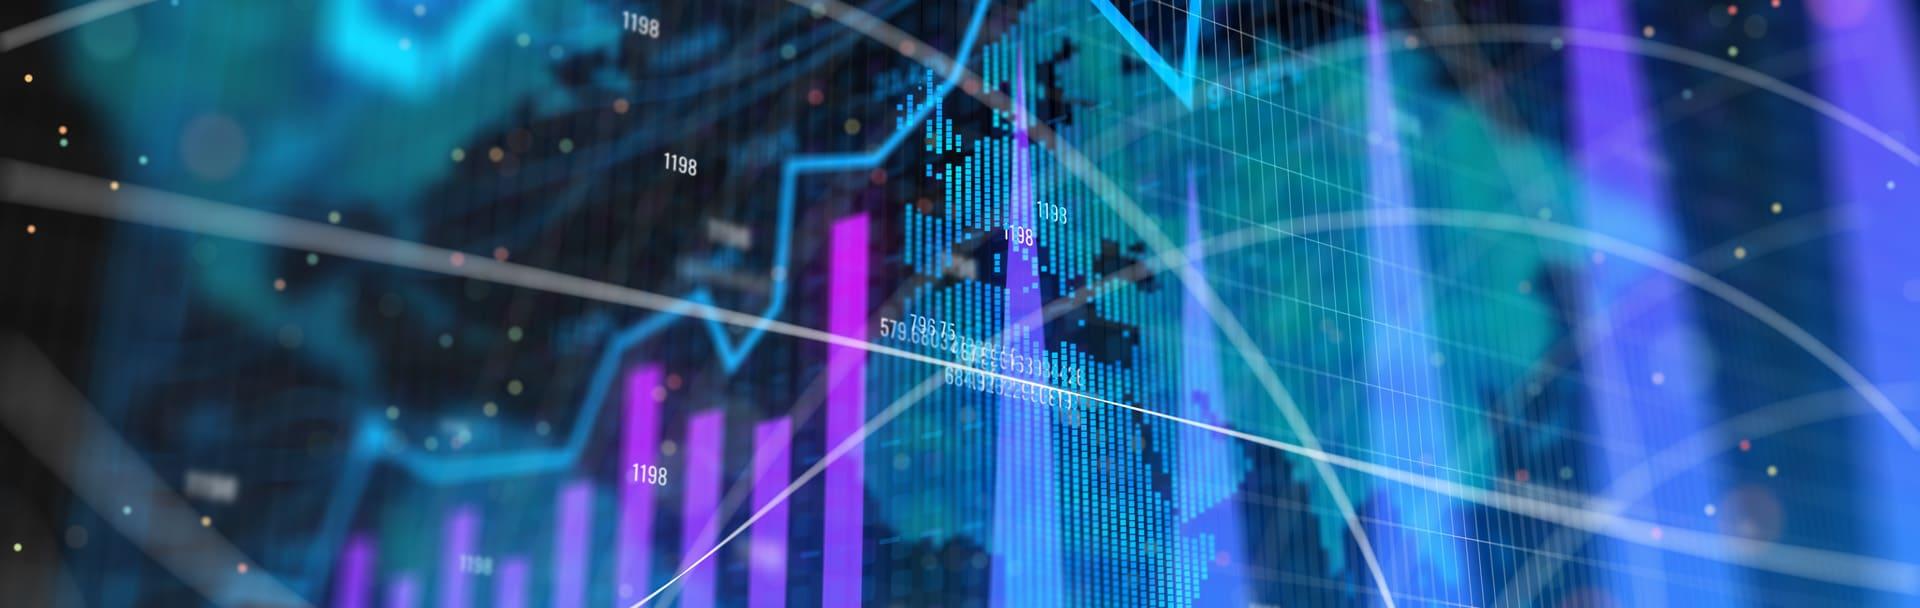 Covid-19 pandemie een zegen voor het Analytics-vak